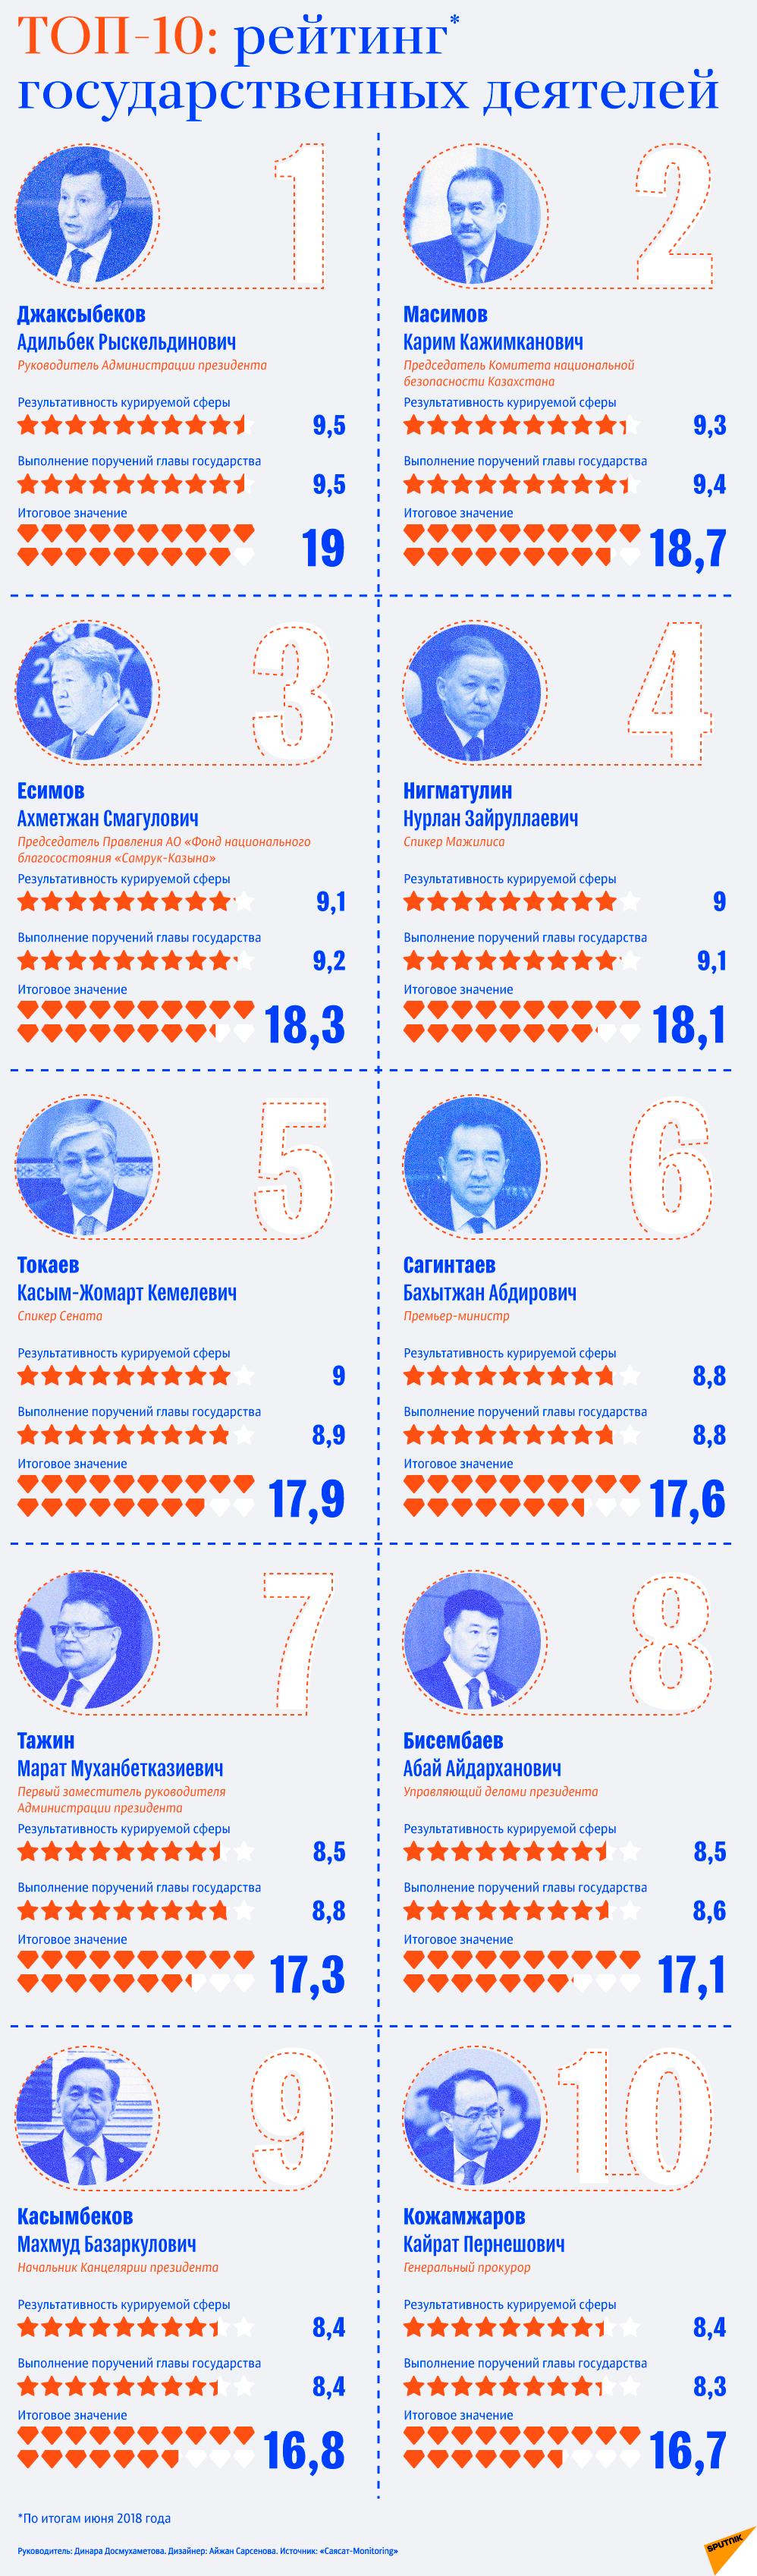 Топ-10 казахстанской элиты